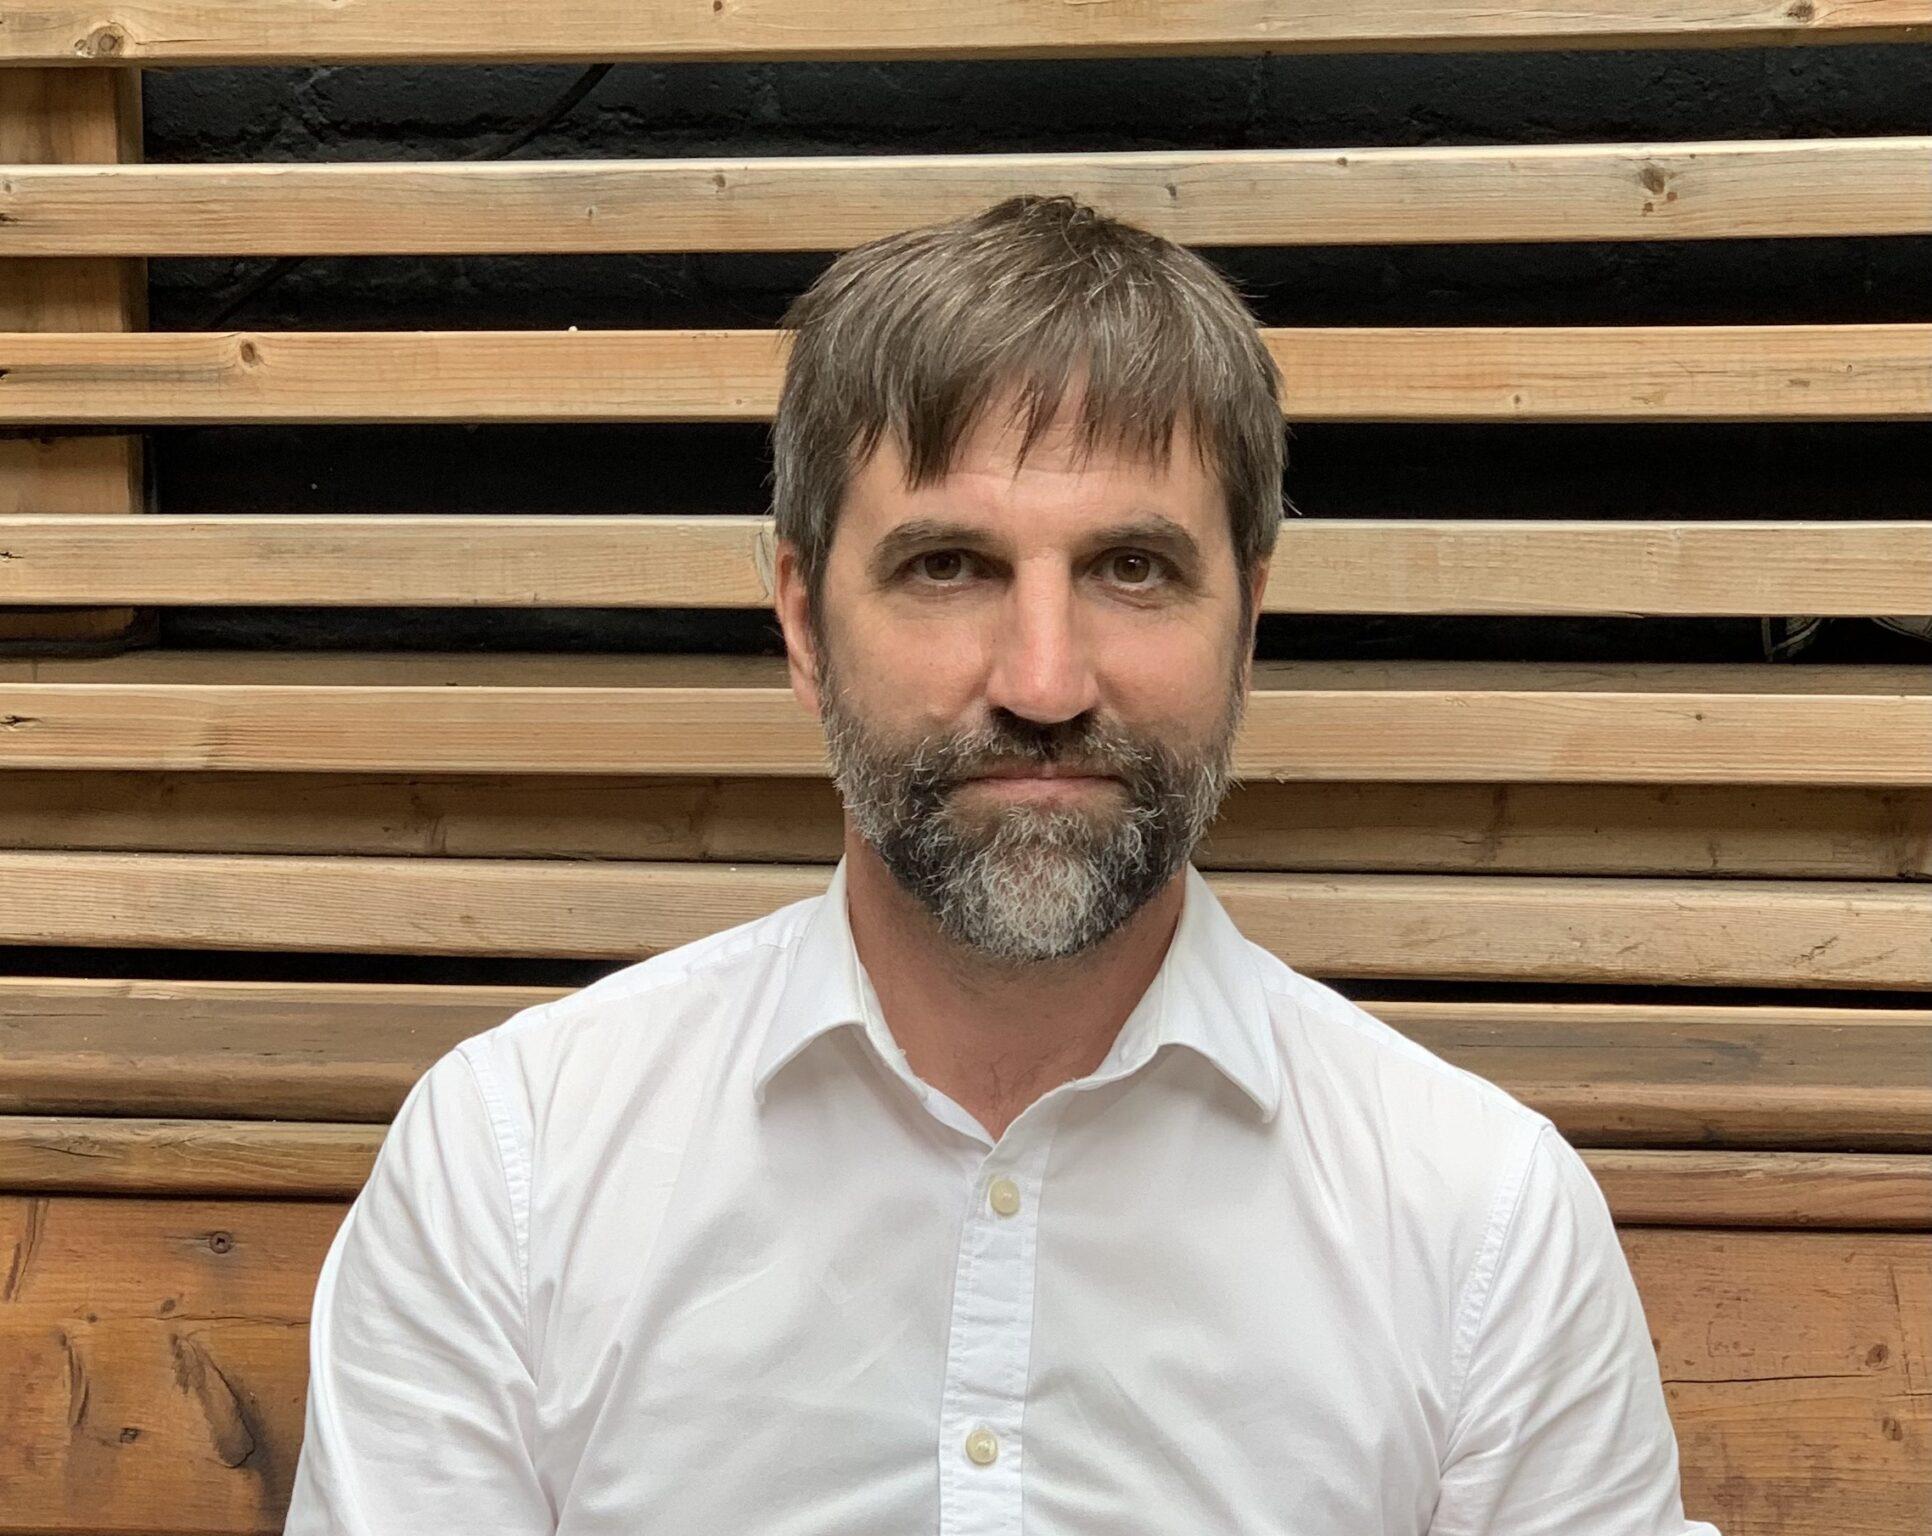 Entrevue avec Steven Guilbeault – Parti libéral du Canada